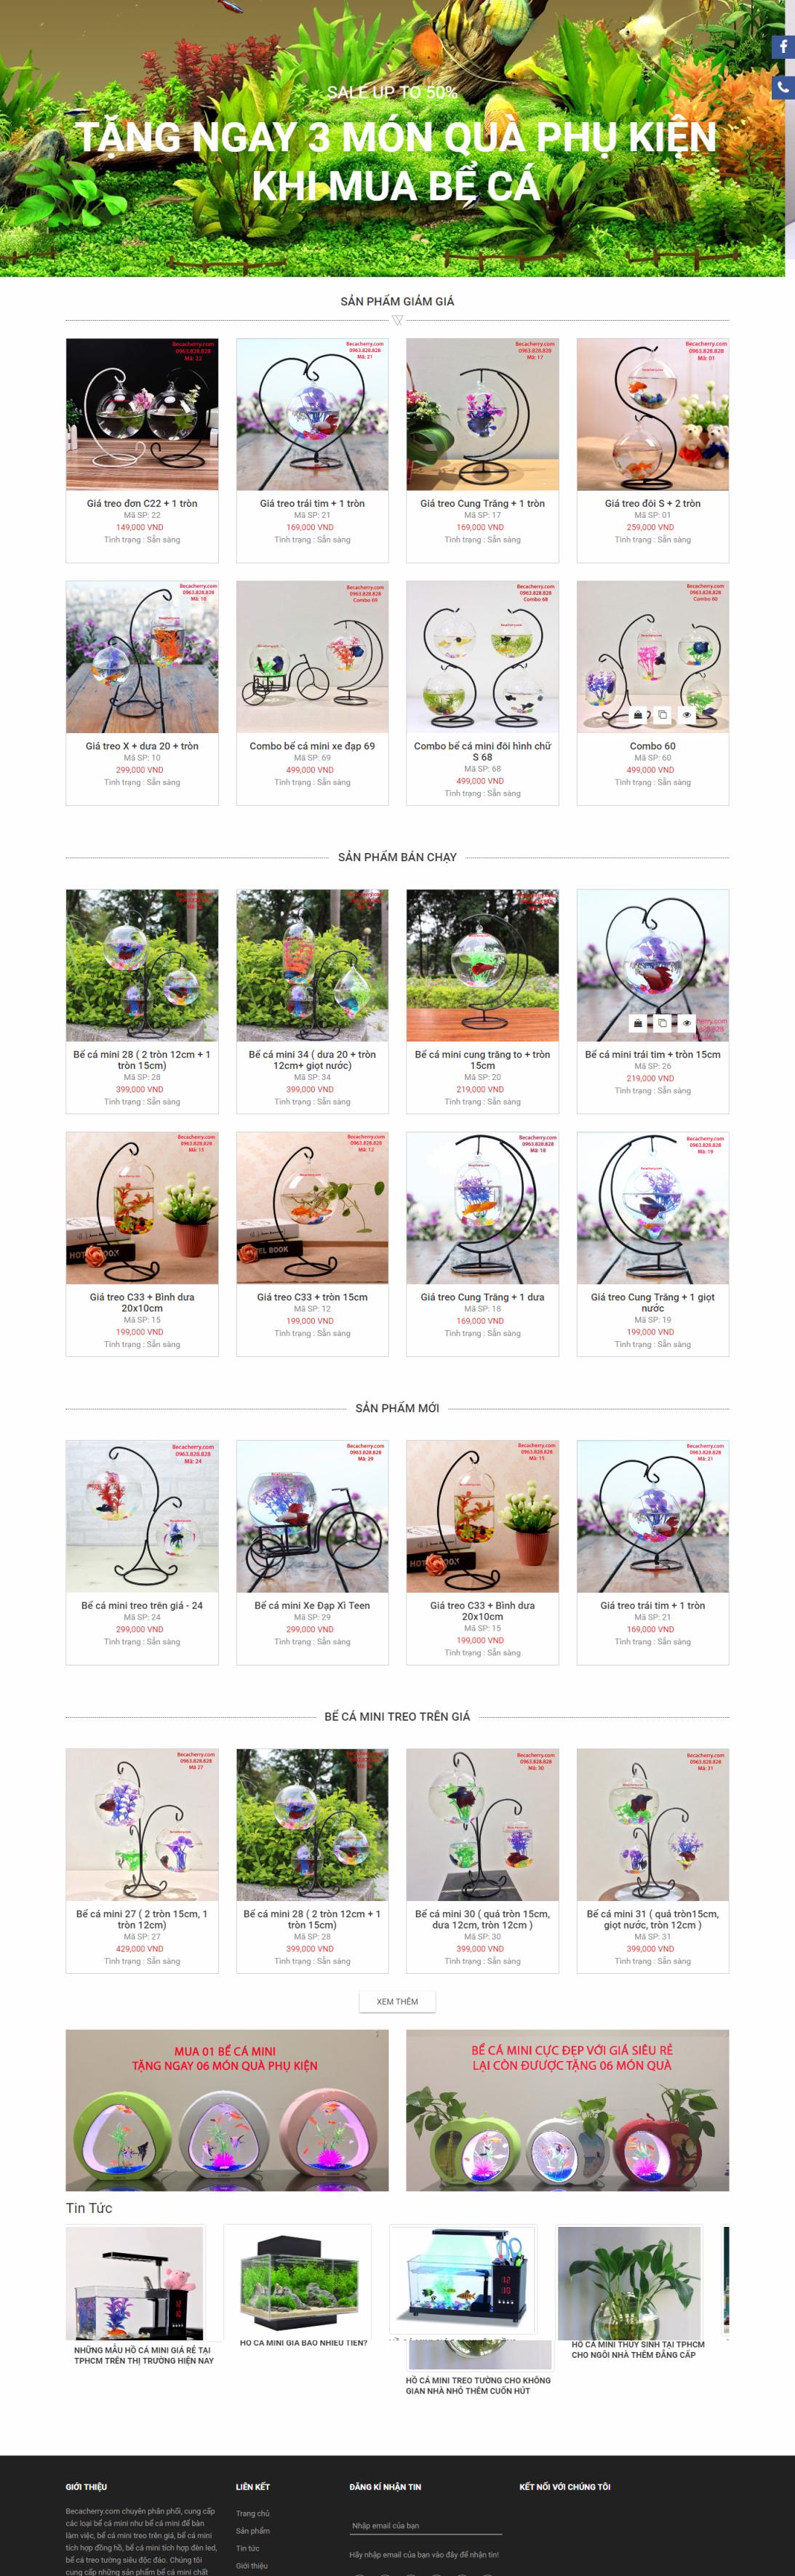 thiết kế web giá rẻ bể cá cảnh